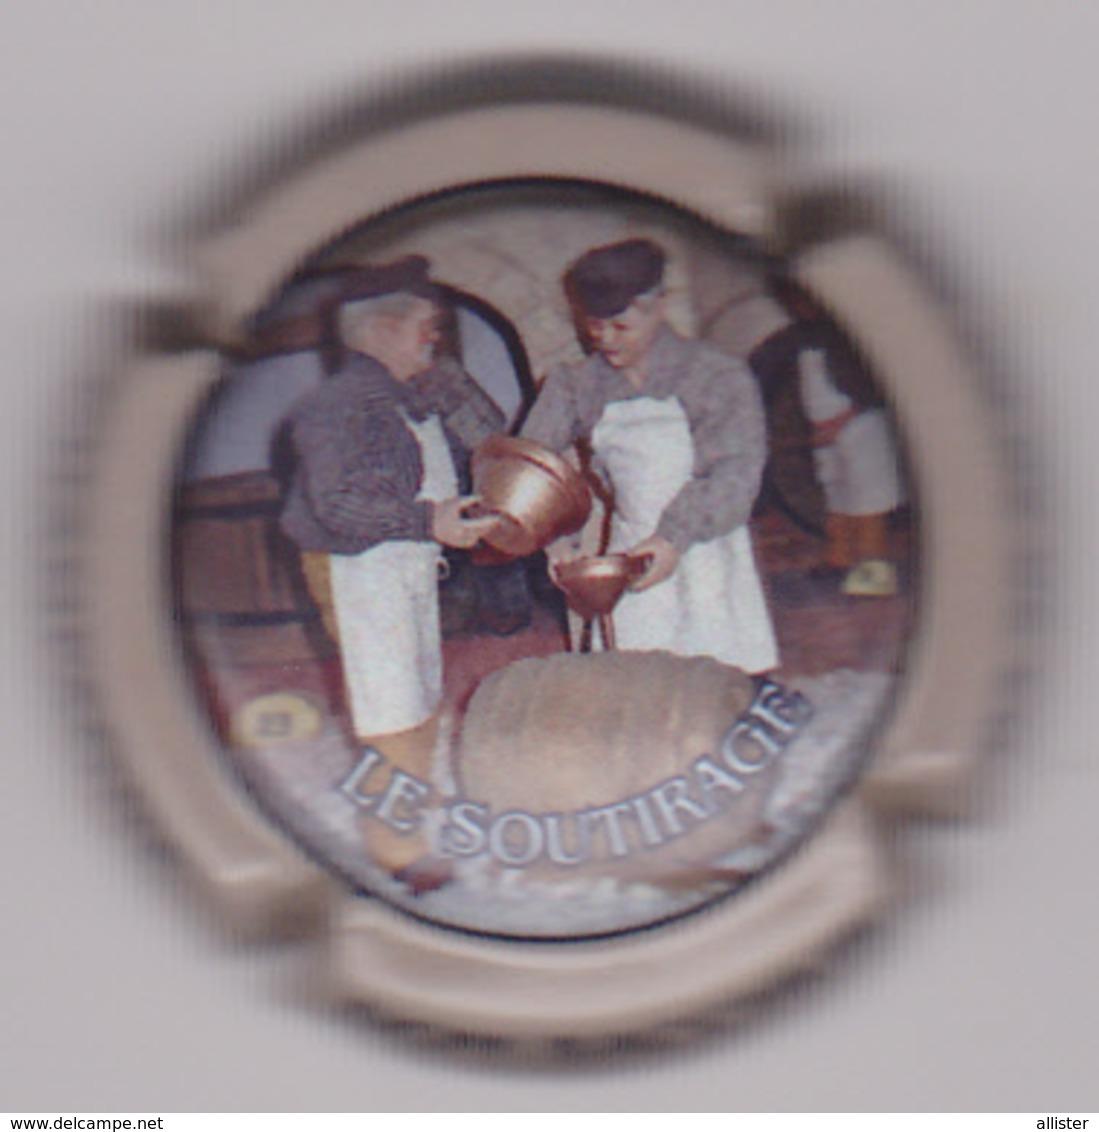 Capsule Champagne BILLARD DOMAINE BACCHUS ( Nr ; LE SOUTIRAGE Contour Gris-crème ) {S08-19} - Champagne